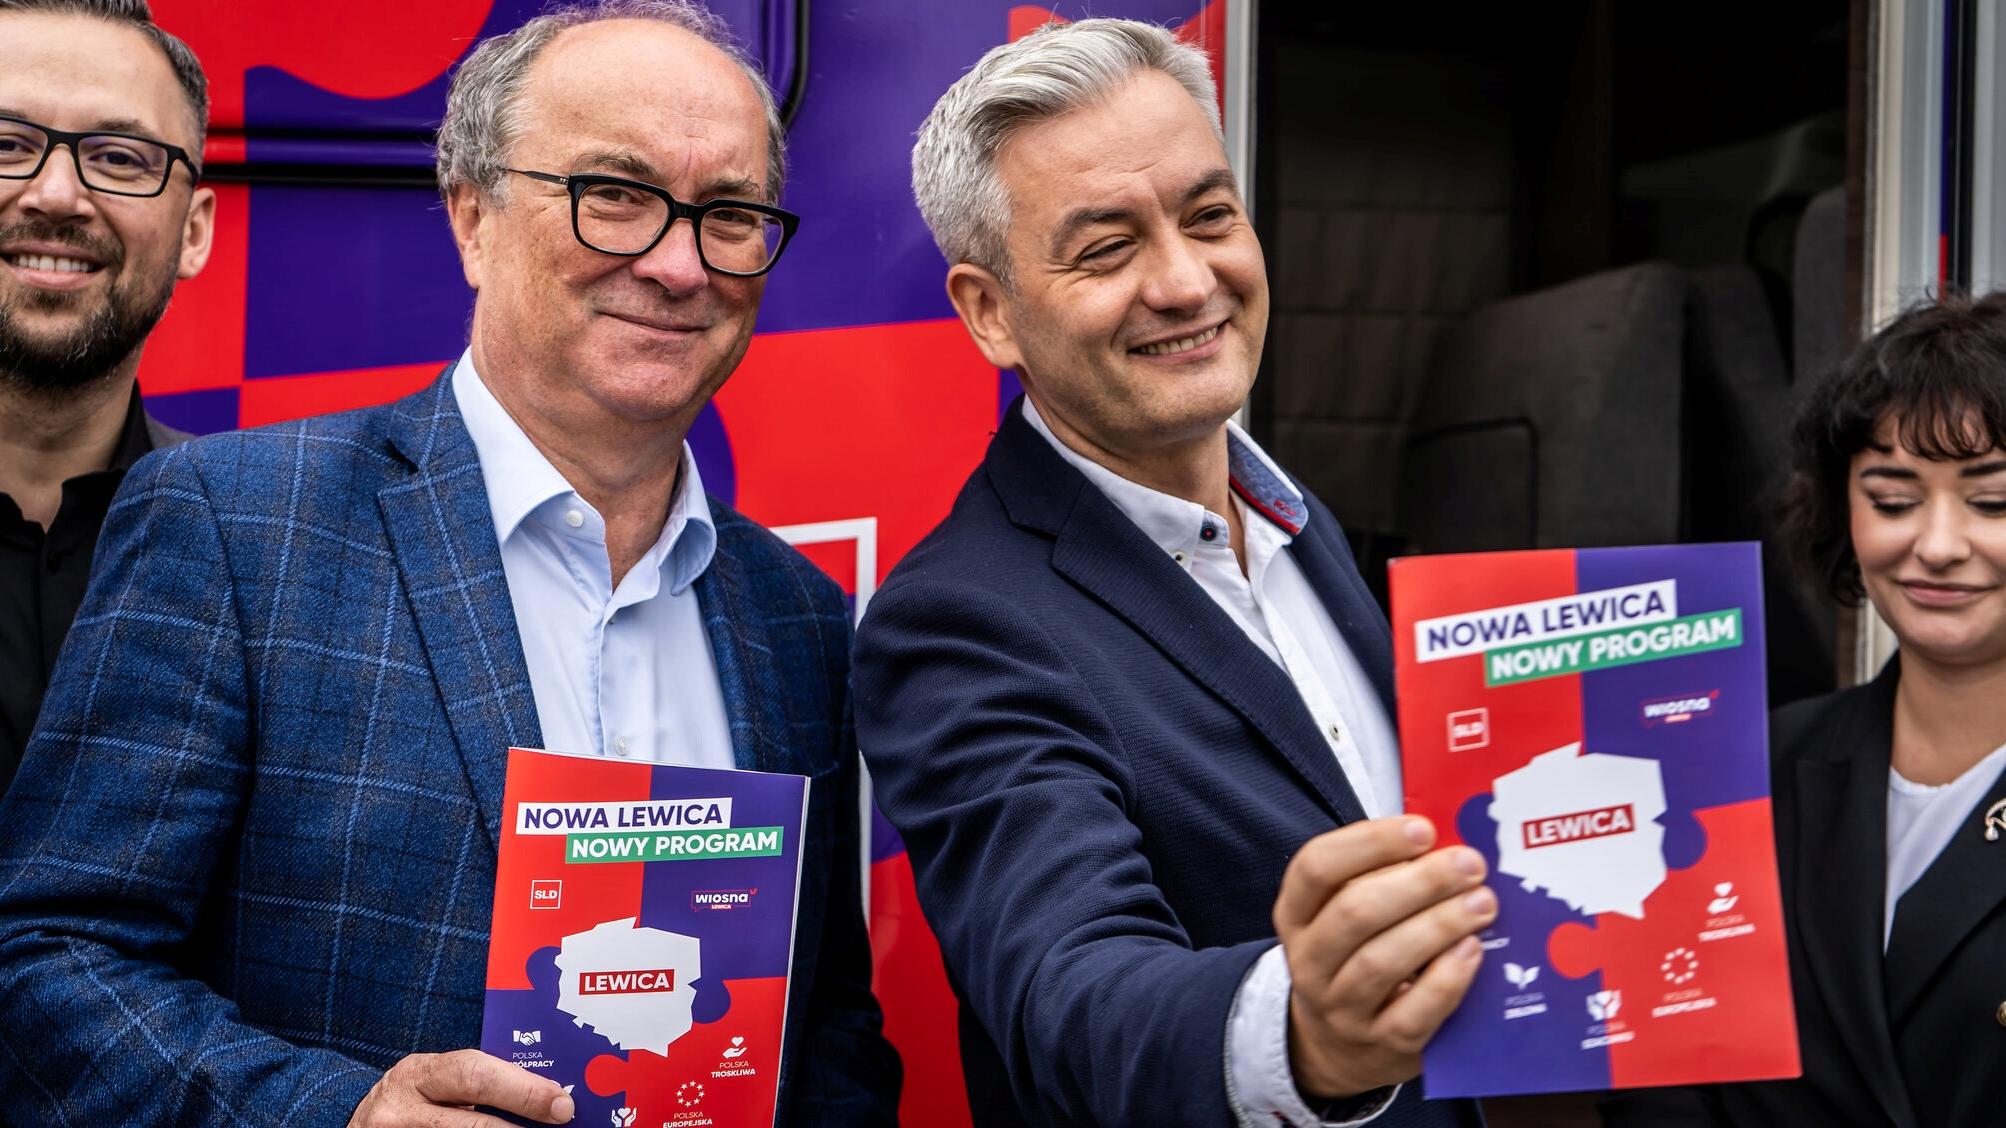 Czarzasty: Spodziewam się, że Lewica w Polsce zacznie rosnąć w siłę